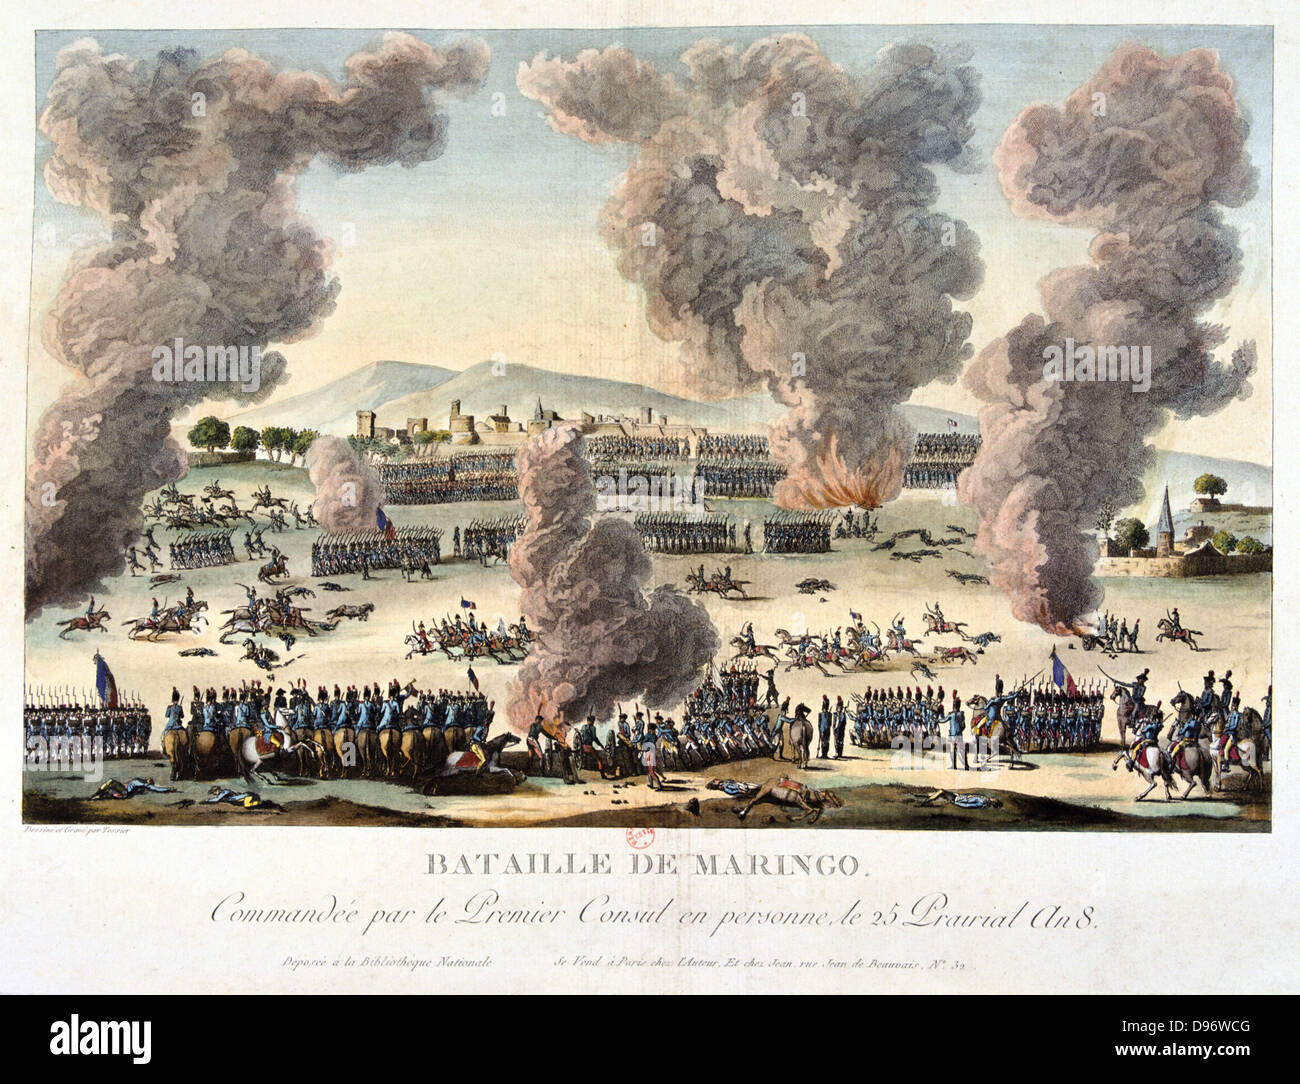 La bataille de Marengo, le 14 juin 1800. Les forces françaises sous Napoléon défait les autrichiens. Photo Stock